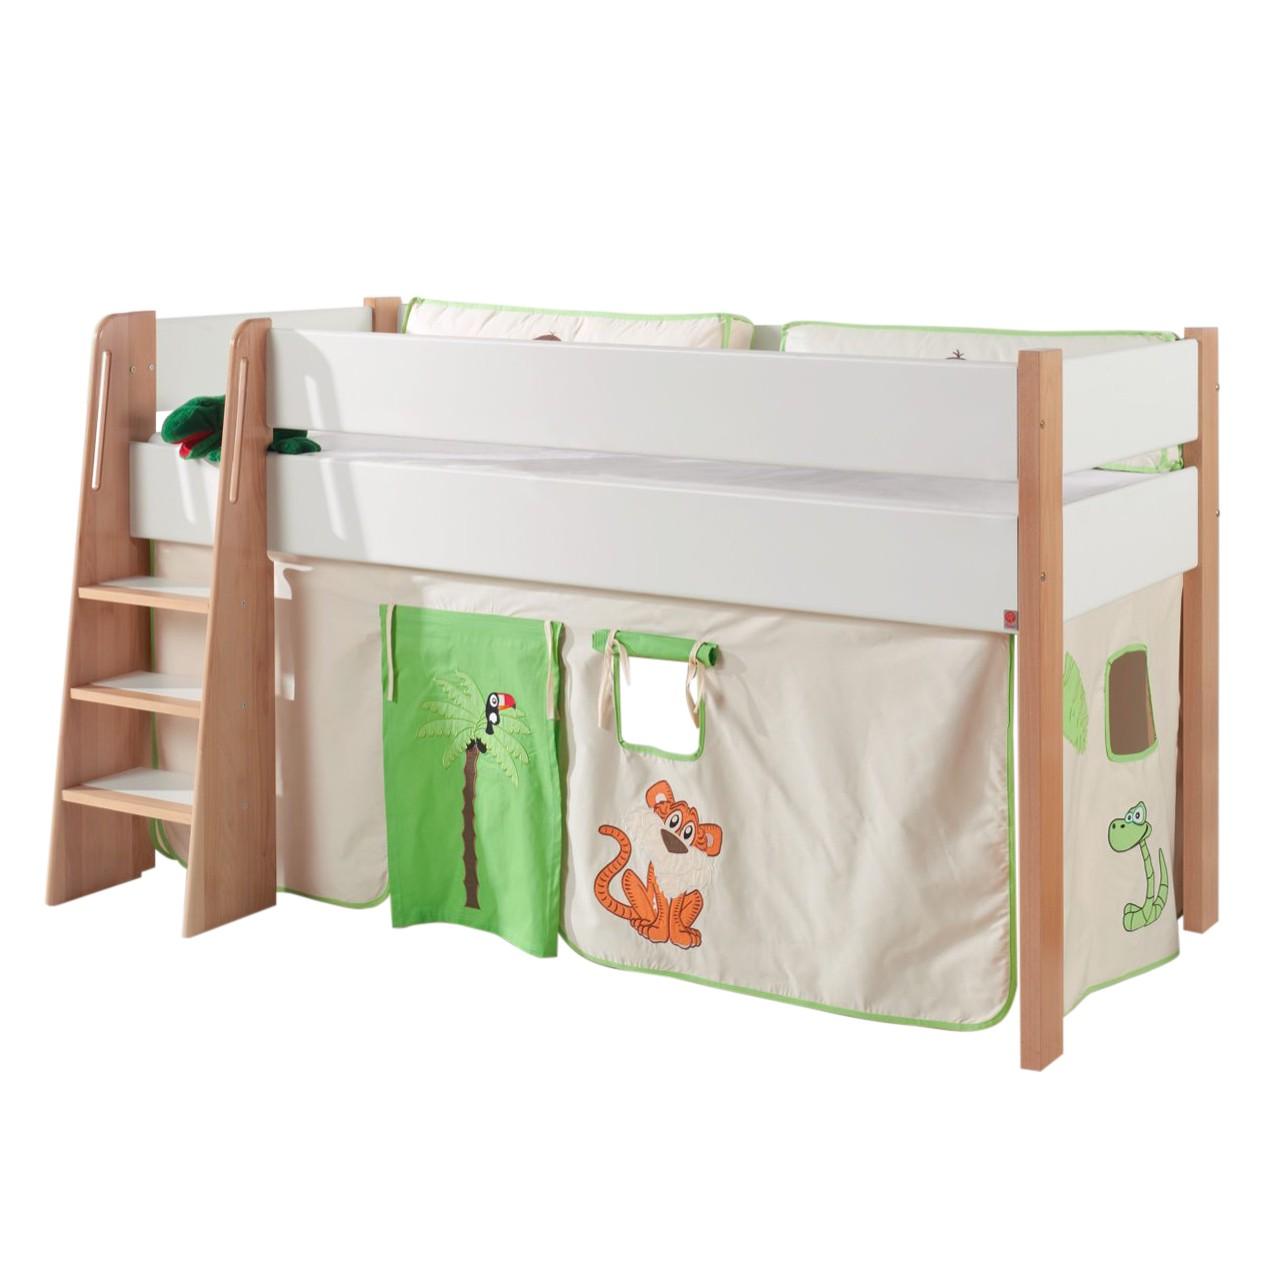 Spielbett Sam - Buche massiv / Baumwollstoff - Buche / Weiß / Grün, Relita